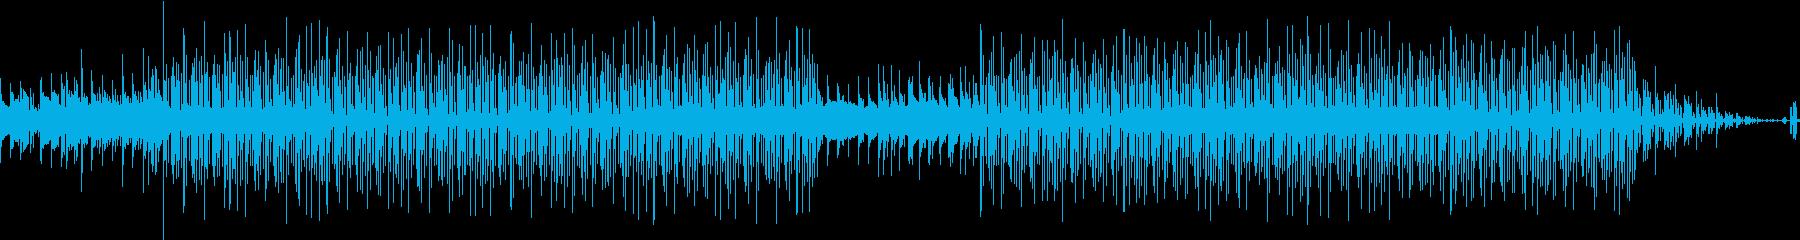 聴きやすいメロディーの再生済みの波形